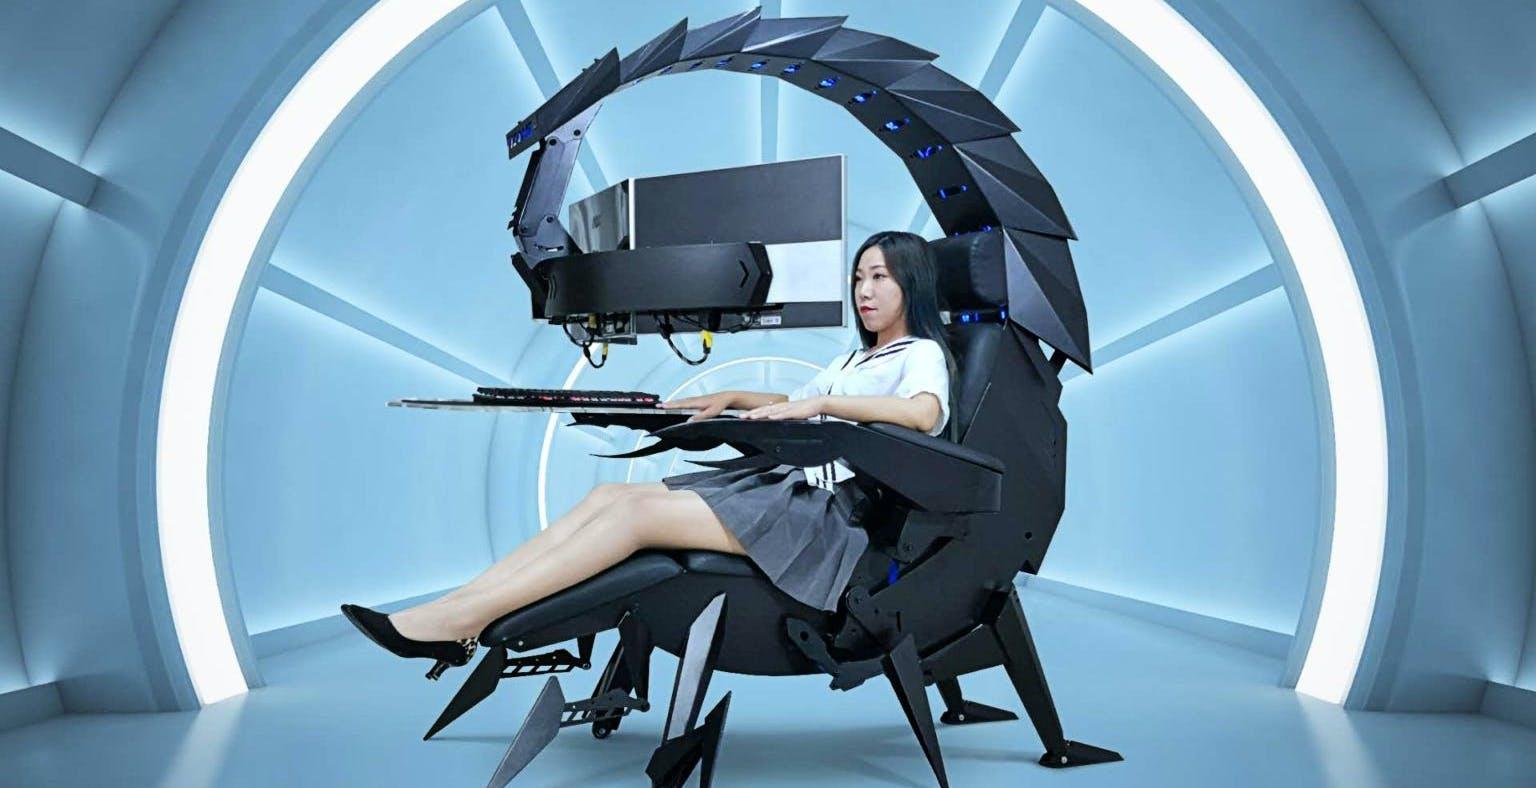 La postazione per computer a forma di scorpione è una delle cose più bizzarre che vedrete quest'anno